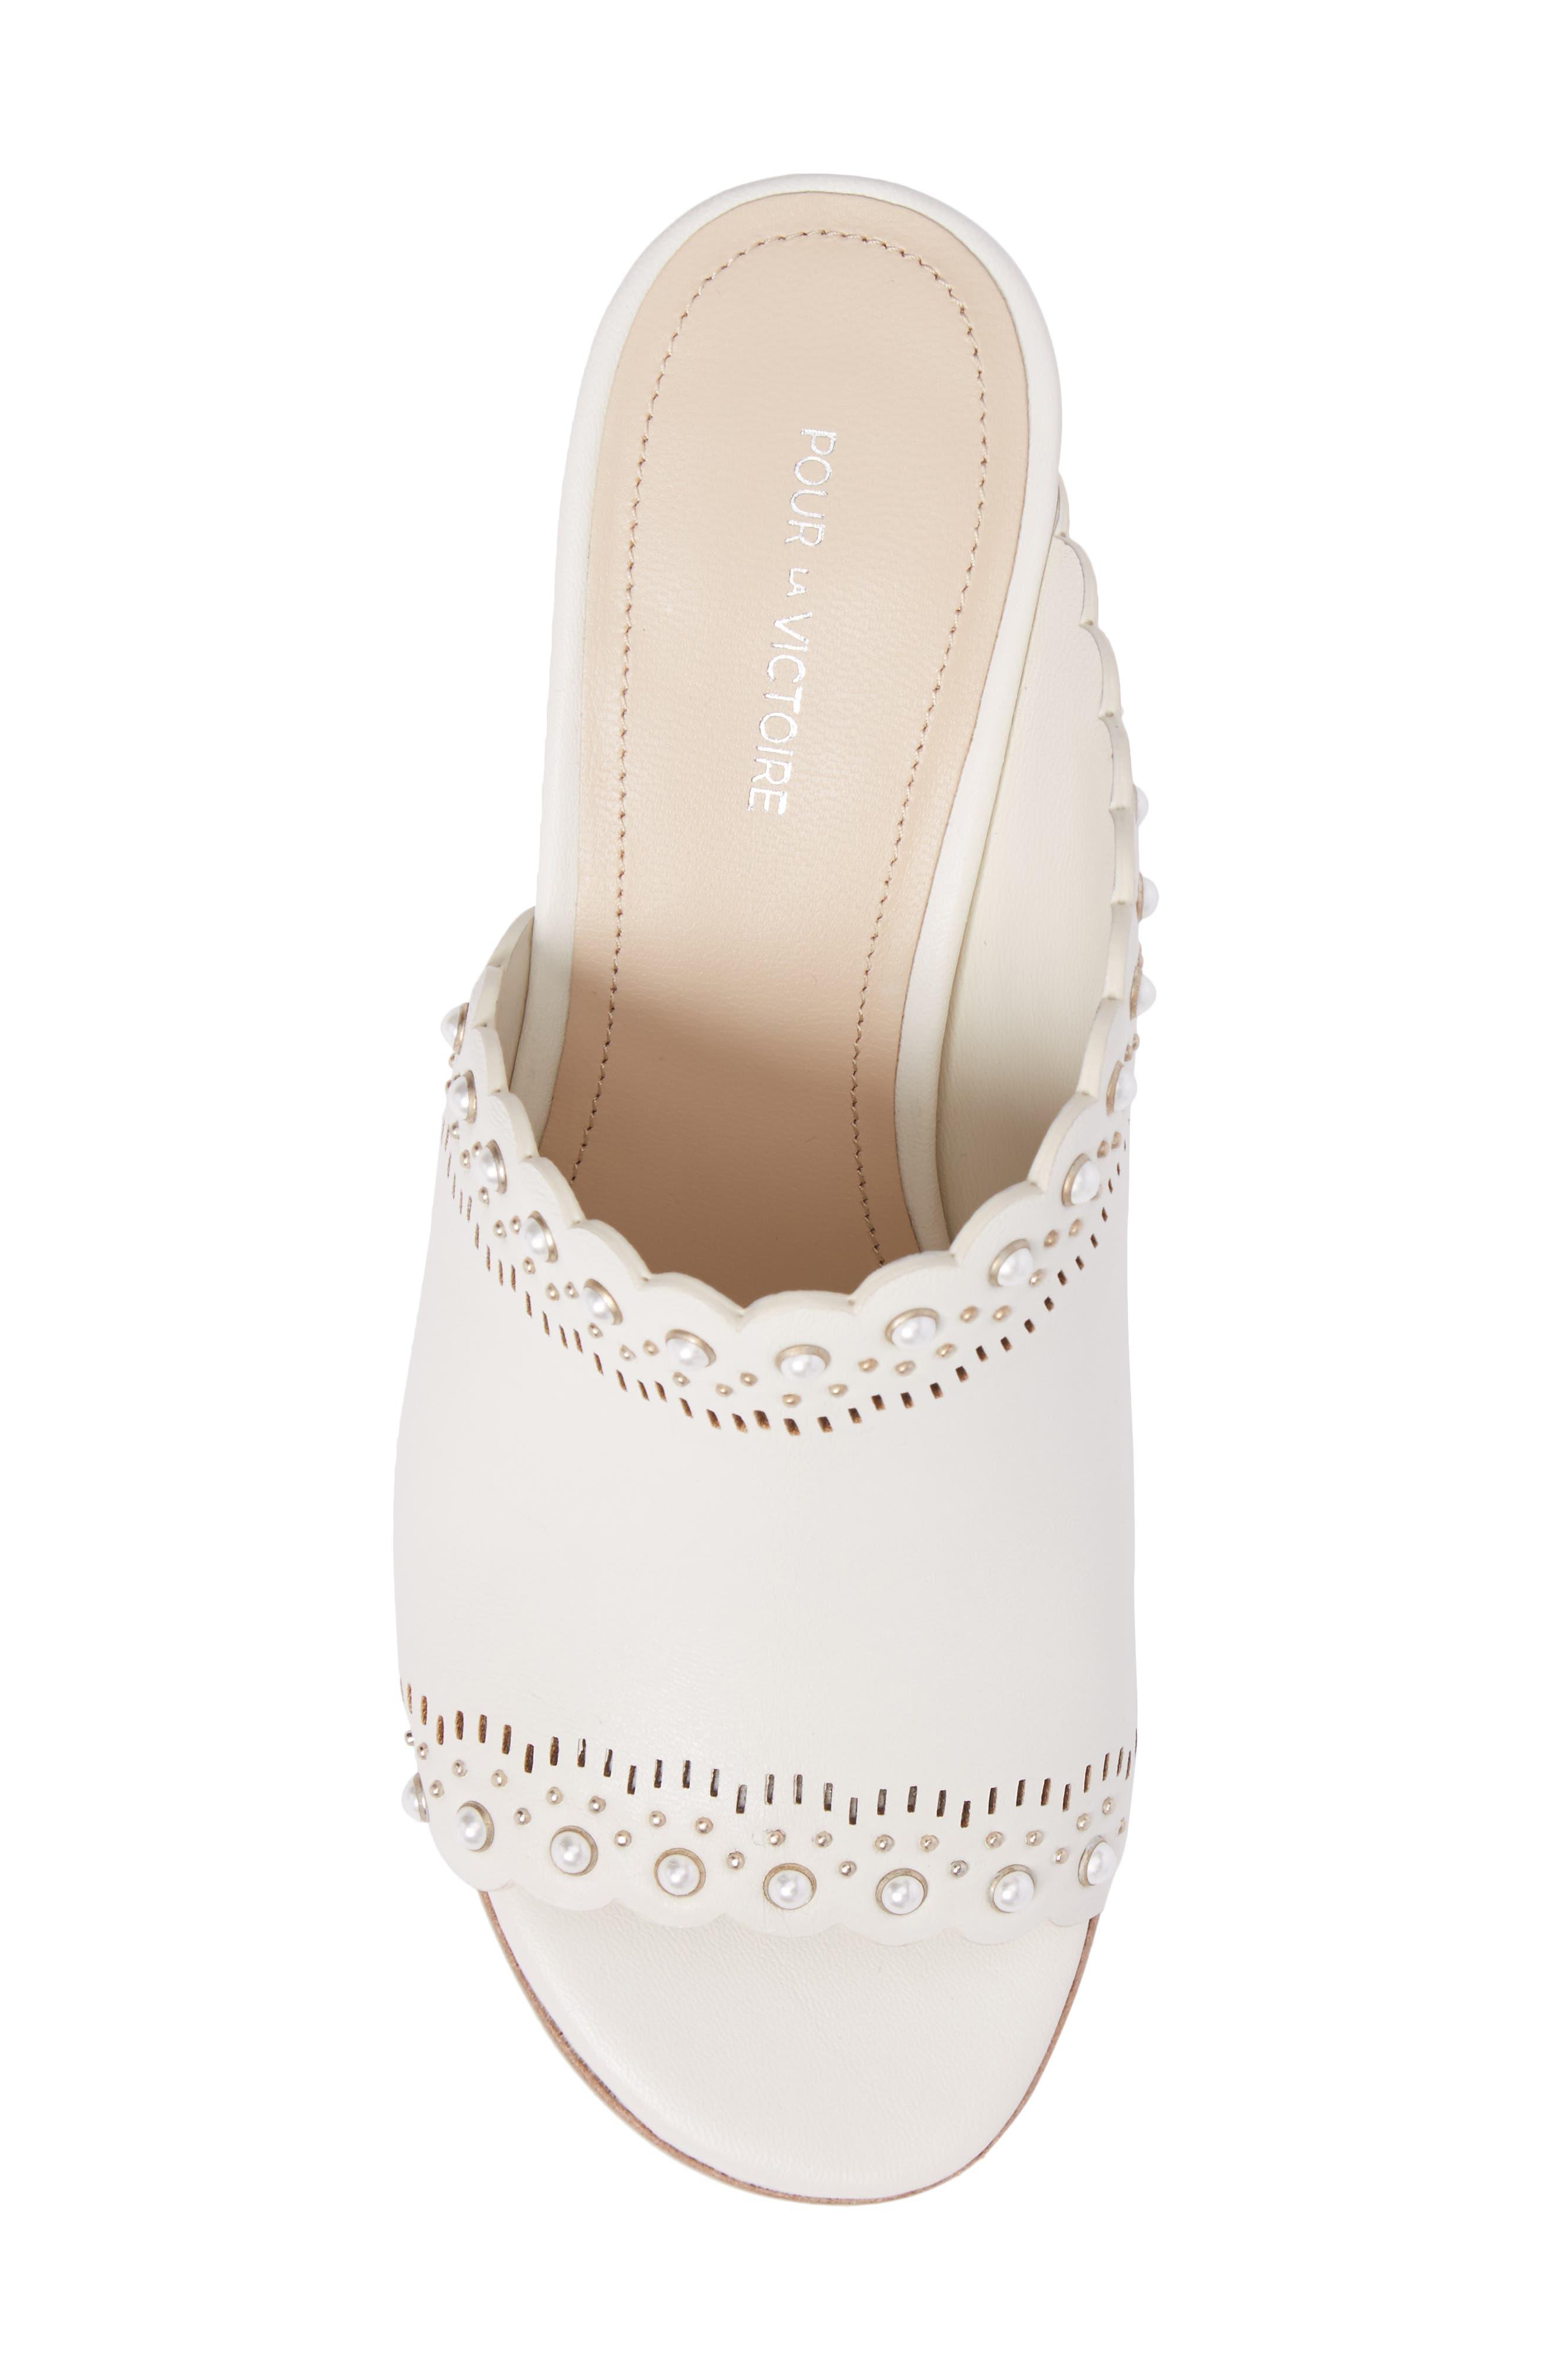 Amela Embellished Slide Sandal,                             Alternate thumbnail 5, color,                             Bone Leather